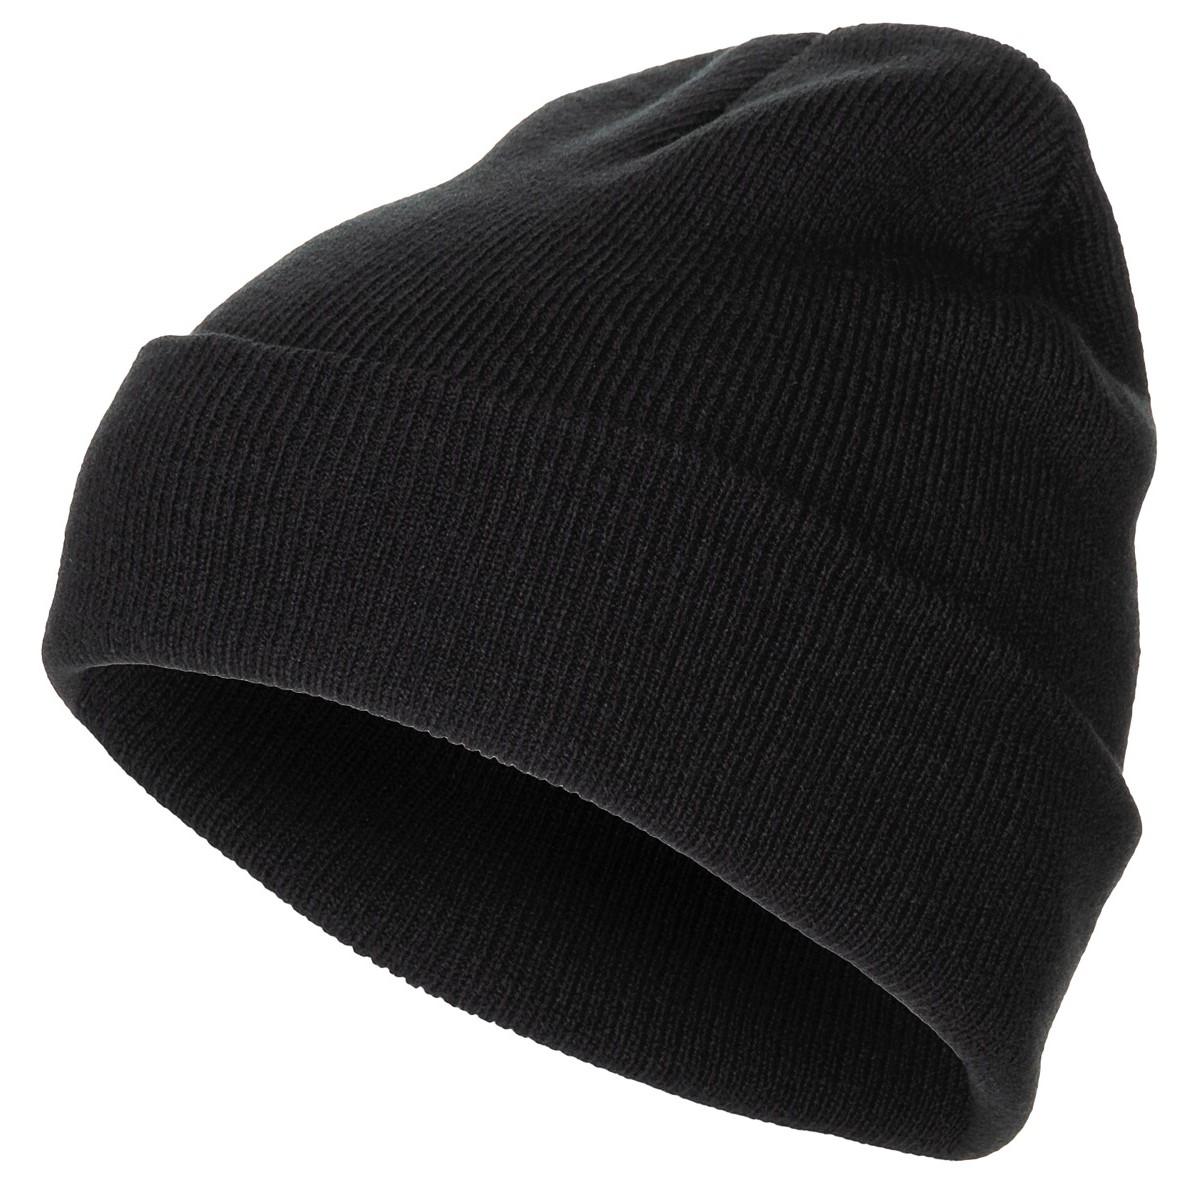 Kulich rolovací - černý 8cef87ce37